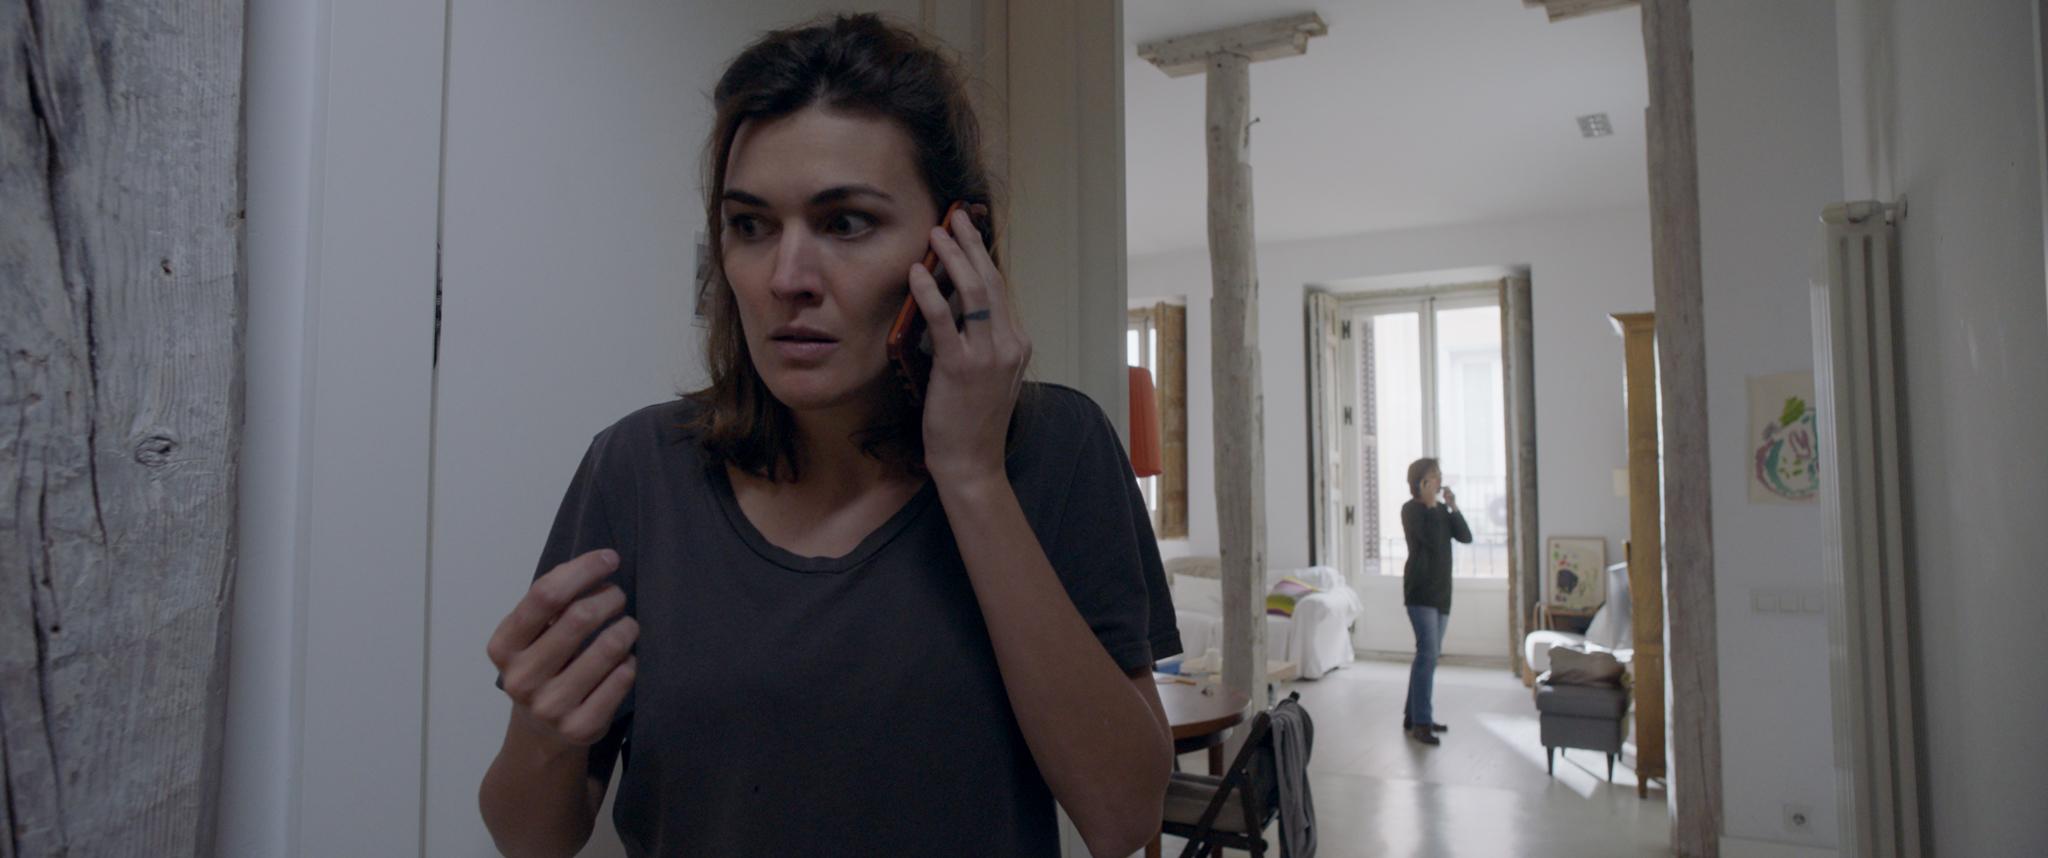 Madre, cortometraje de Rodrigo Sorogoyen